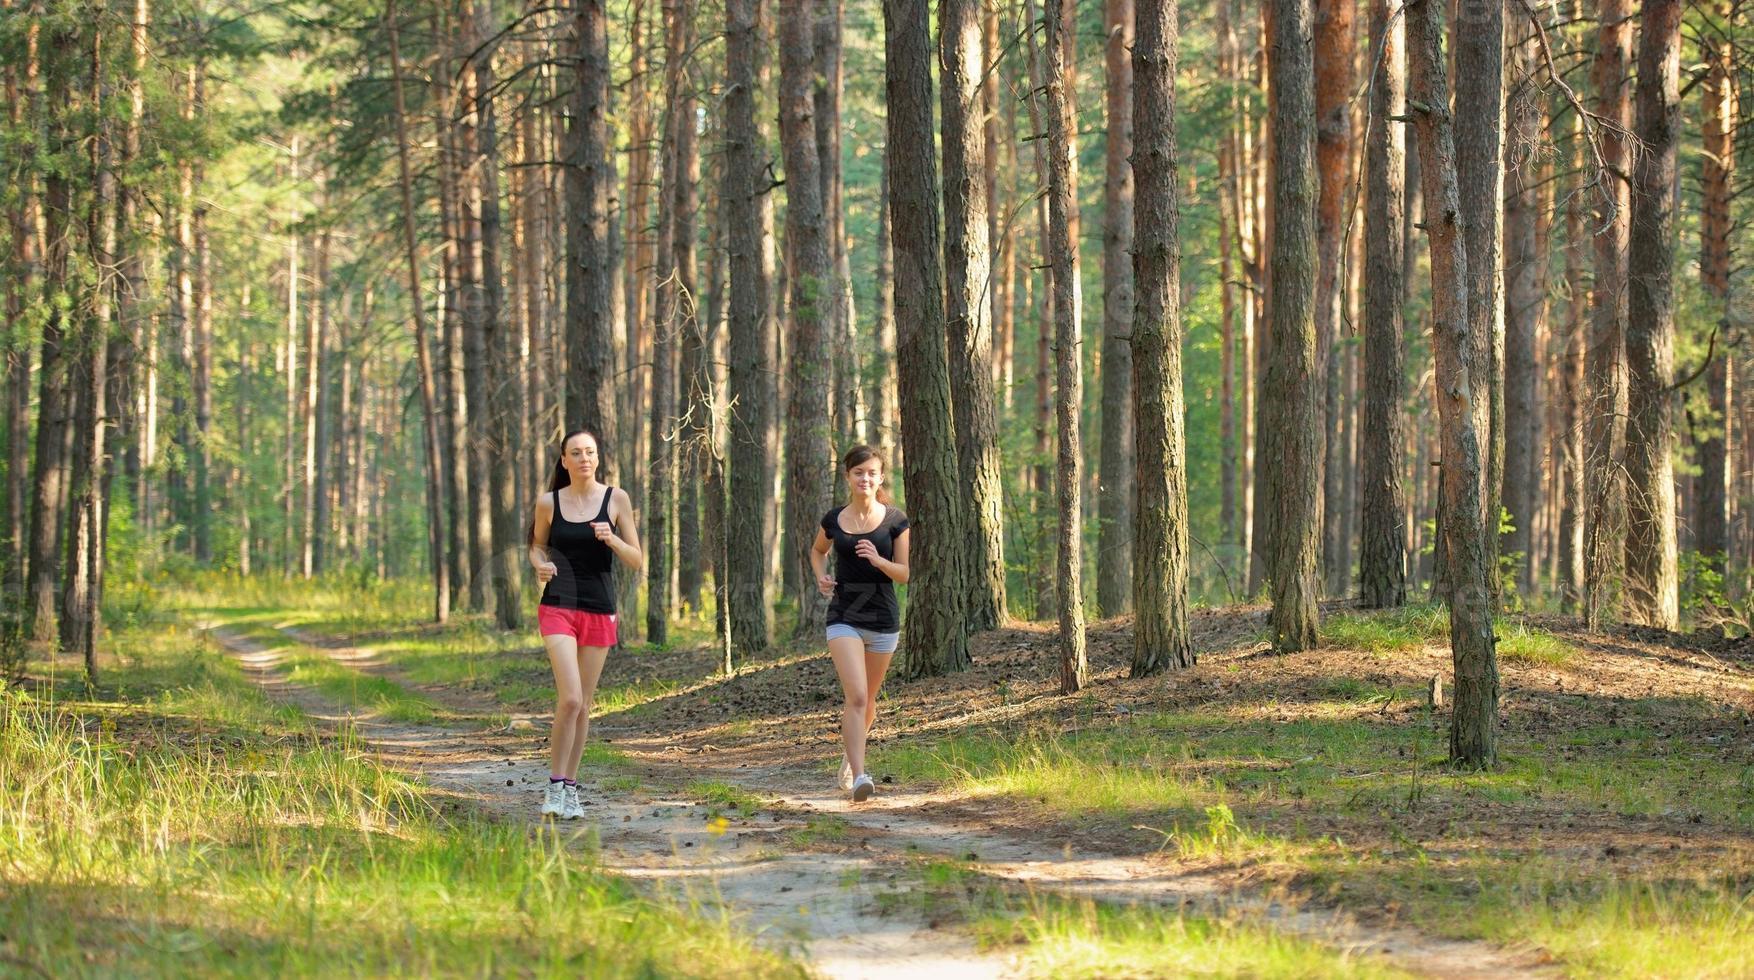 twee vrouw joggen in het bos foto